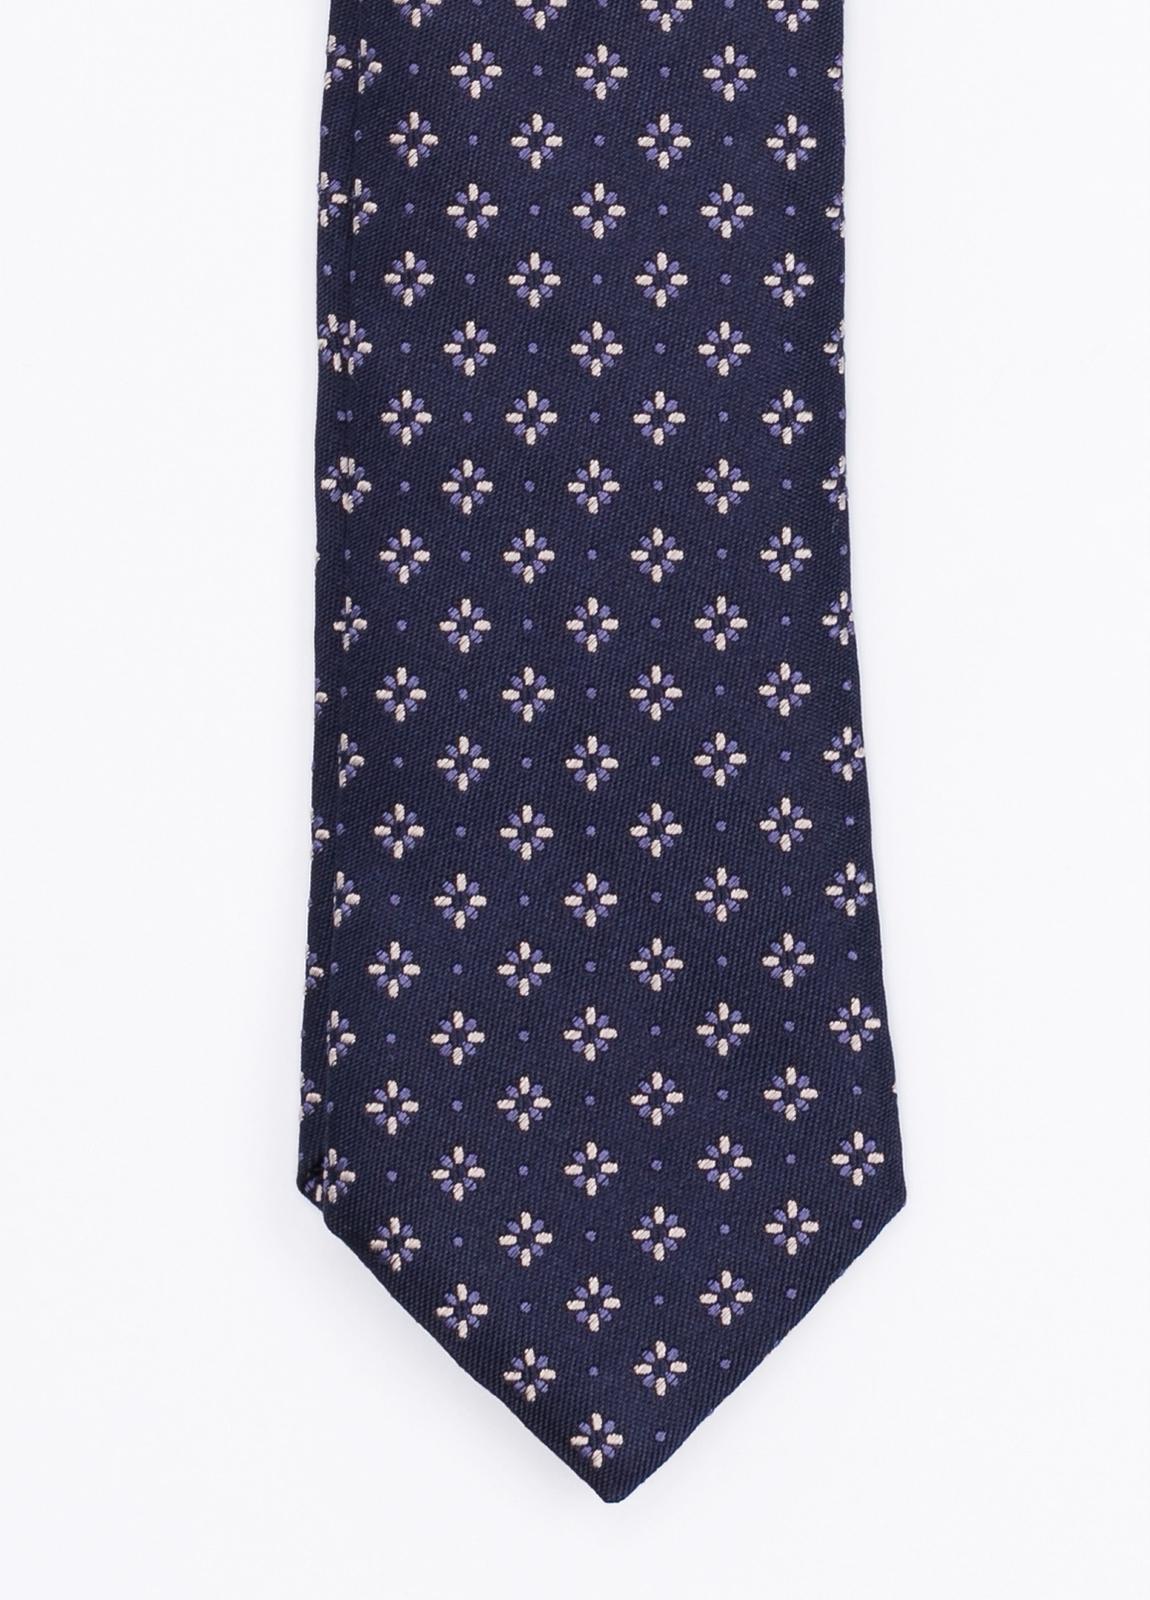 Corbata Formal wear dibujo flor, color azul marino. Pala 7,5 cm. Seda_Algodón.